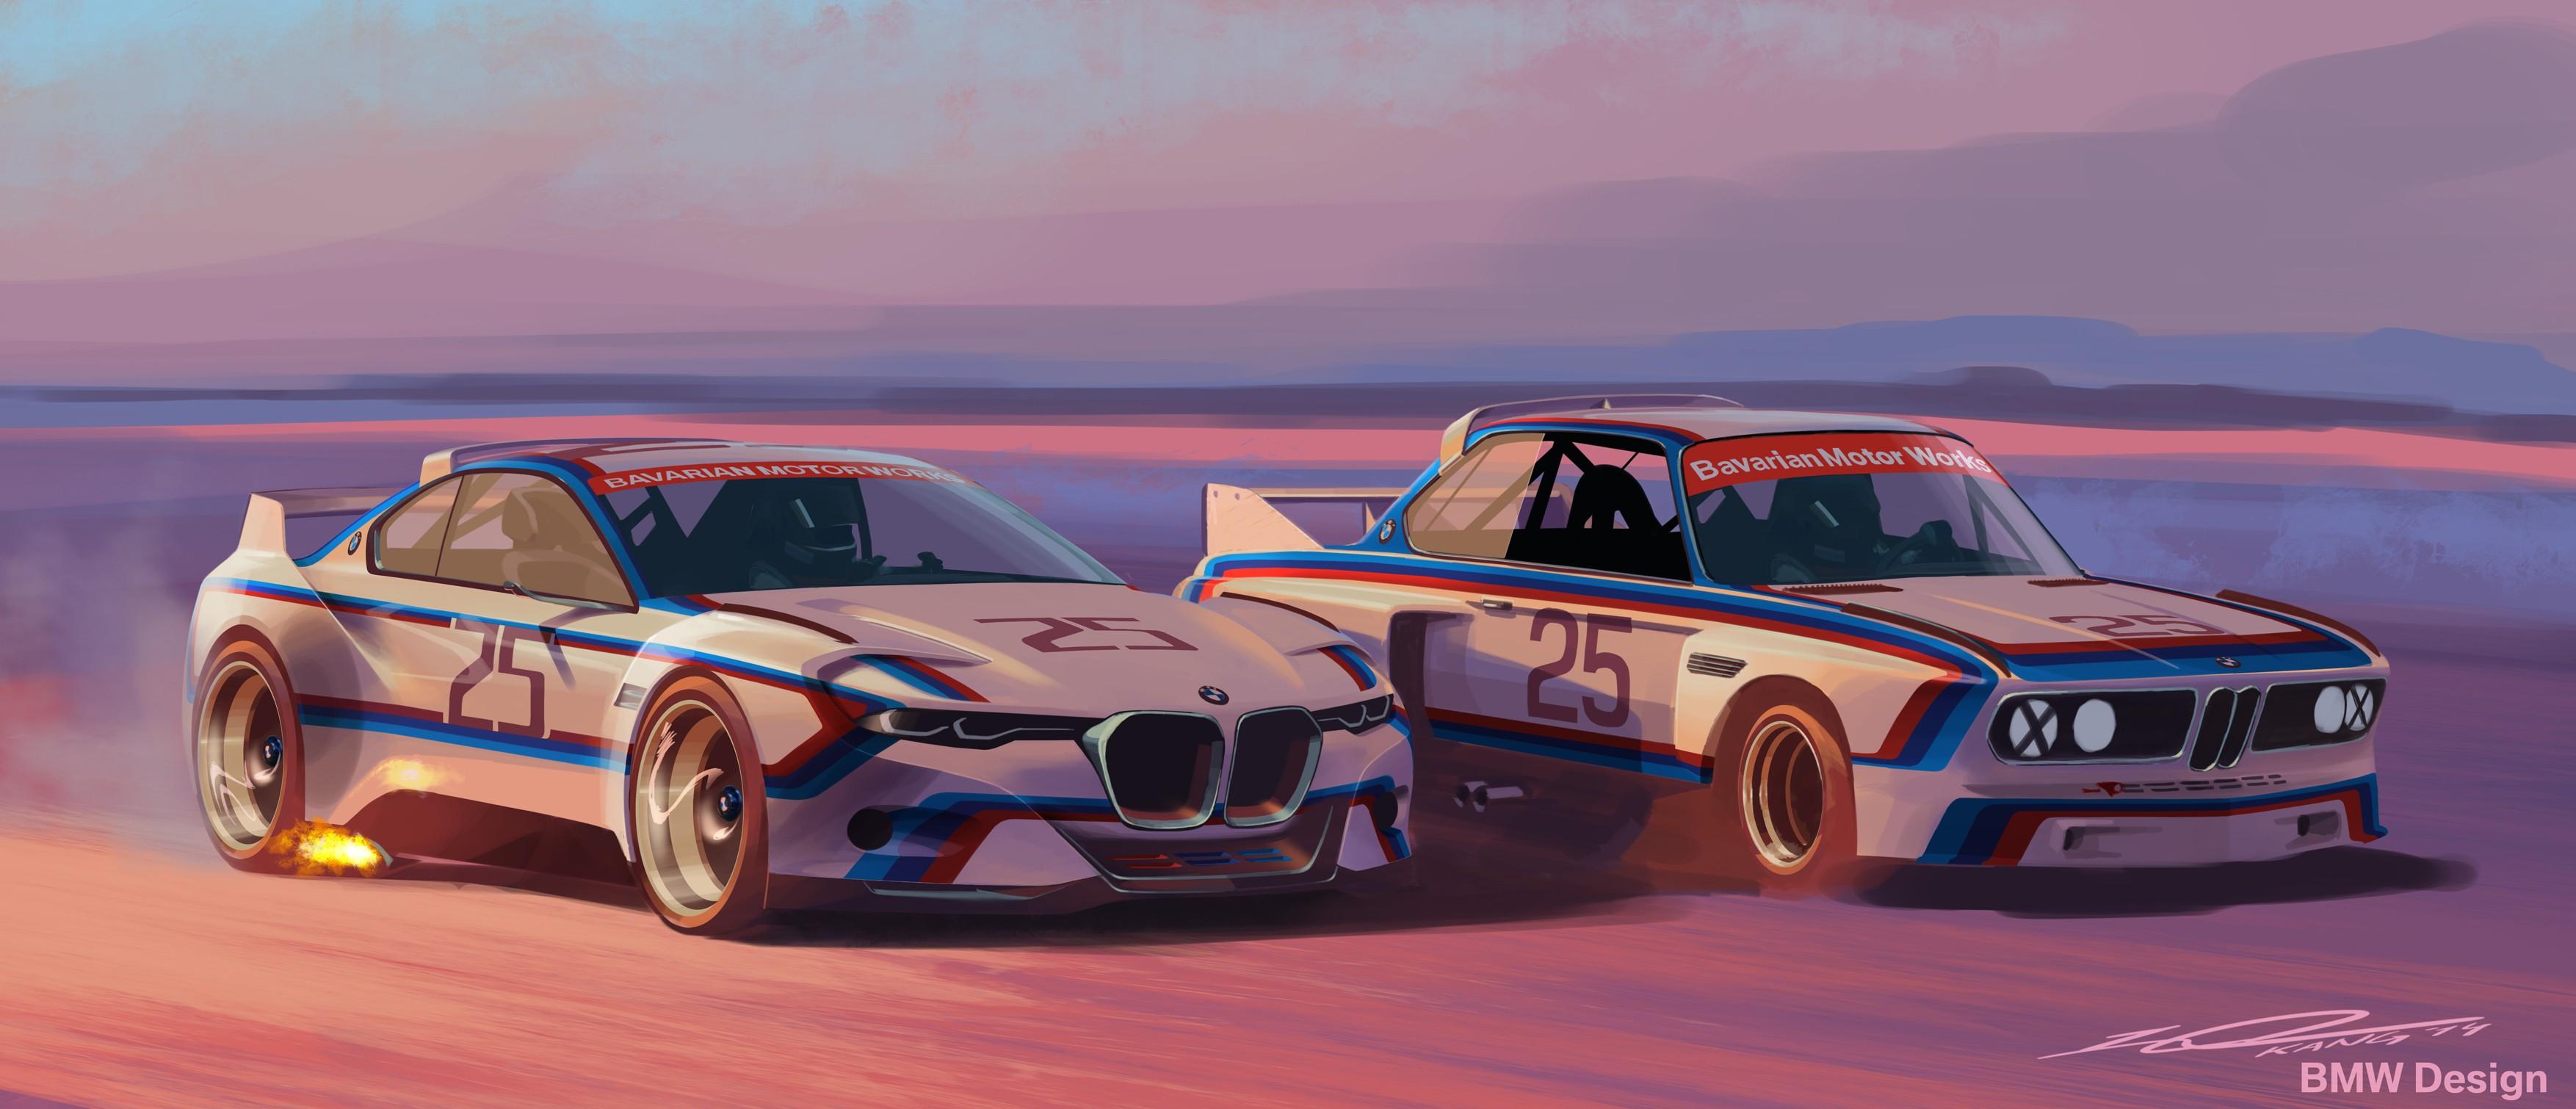 BMW 3.0 CSL Hommage Concept Rendered in Original Racing ...